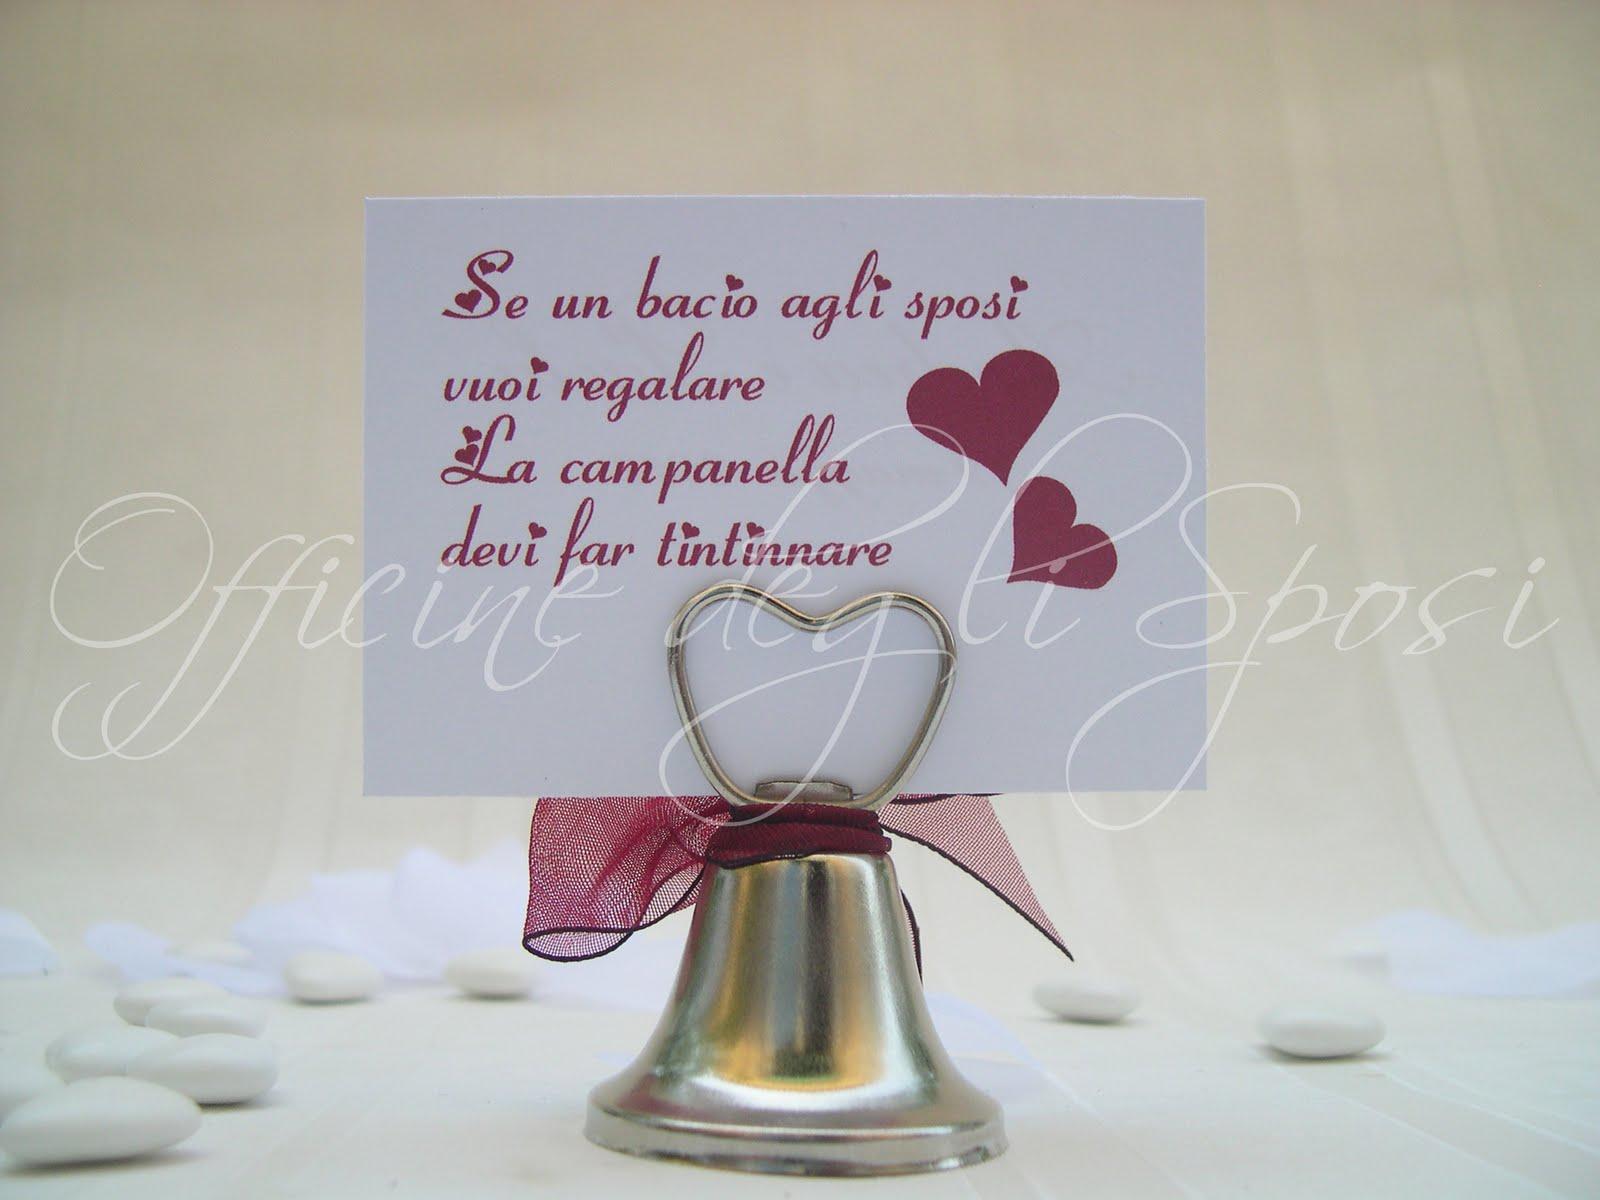 Auguri E Felicitazioni Per Matrimonio : Officine degli sposi